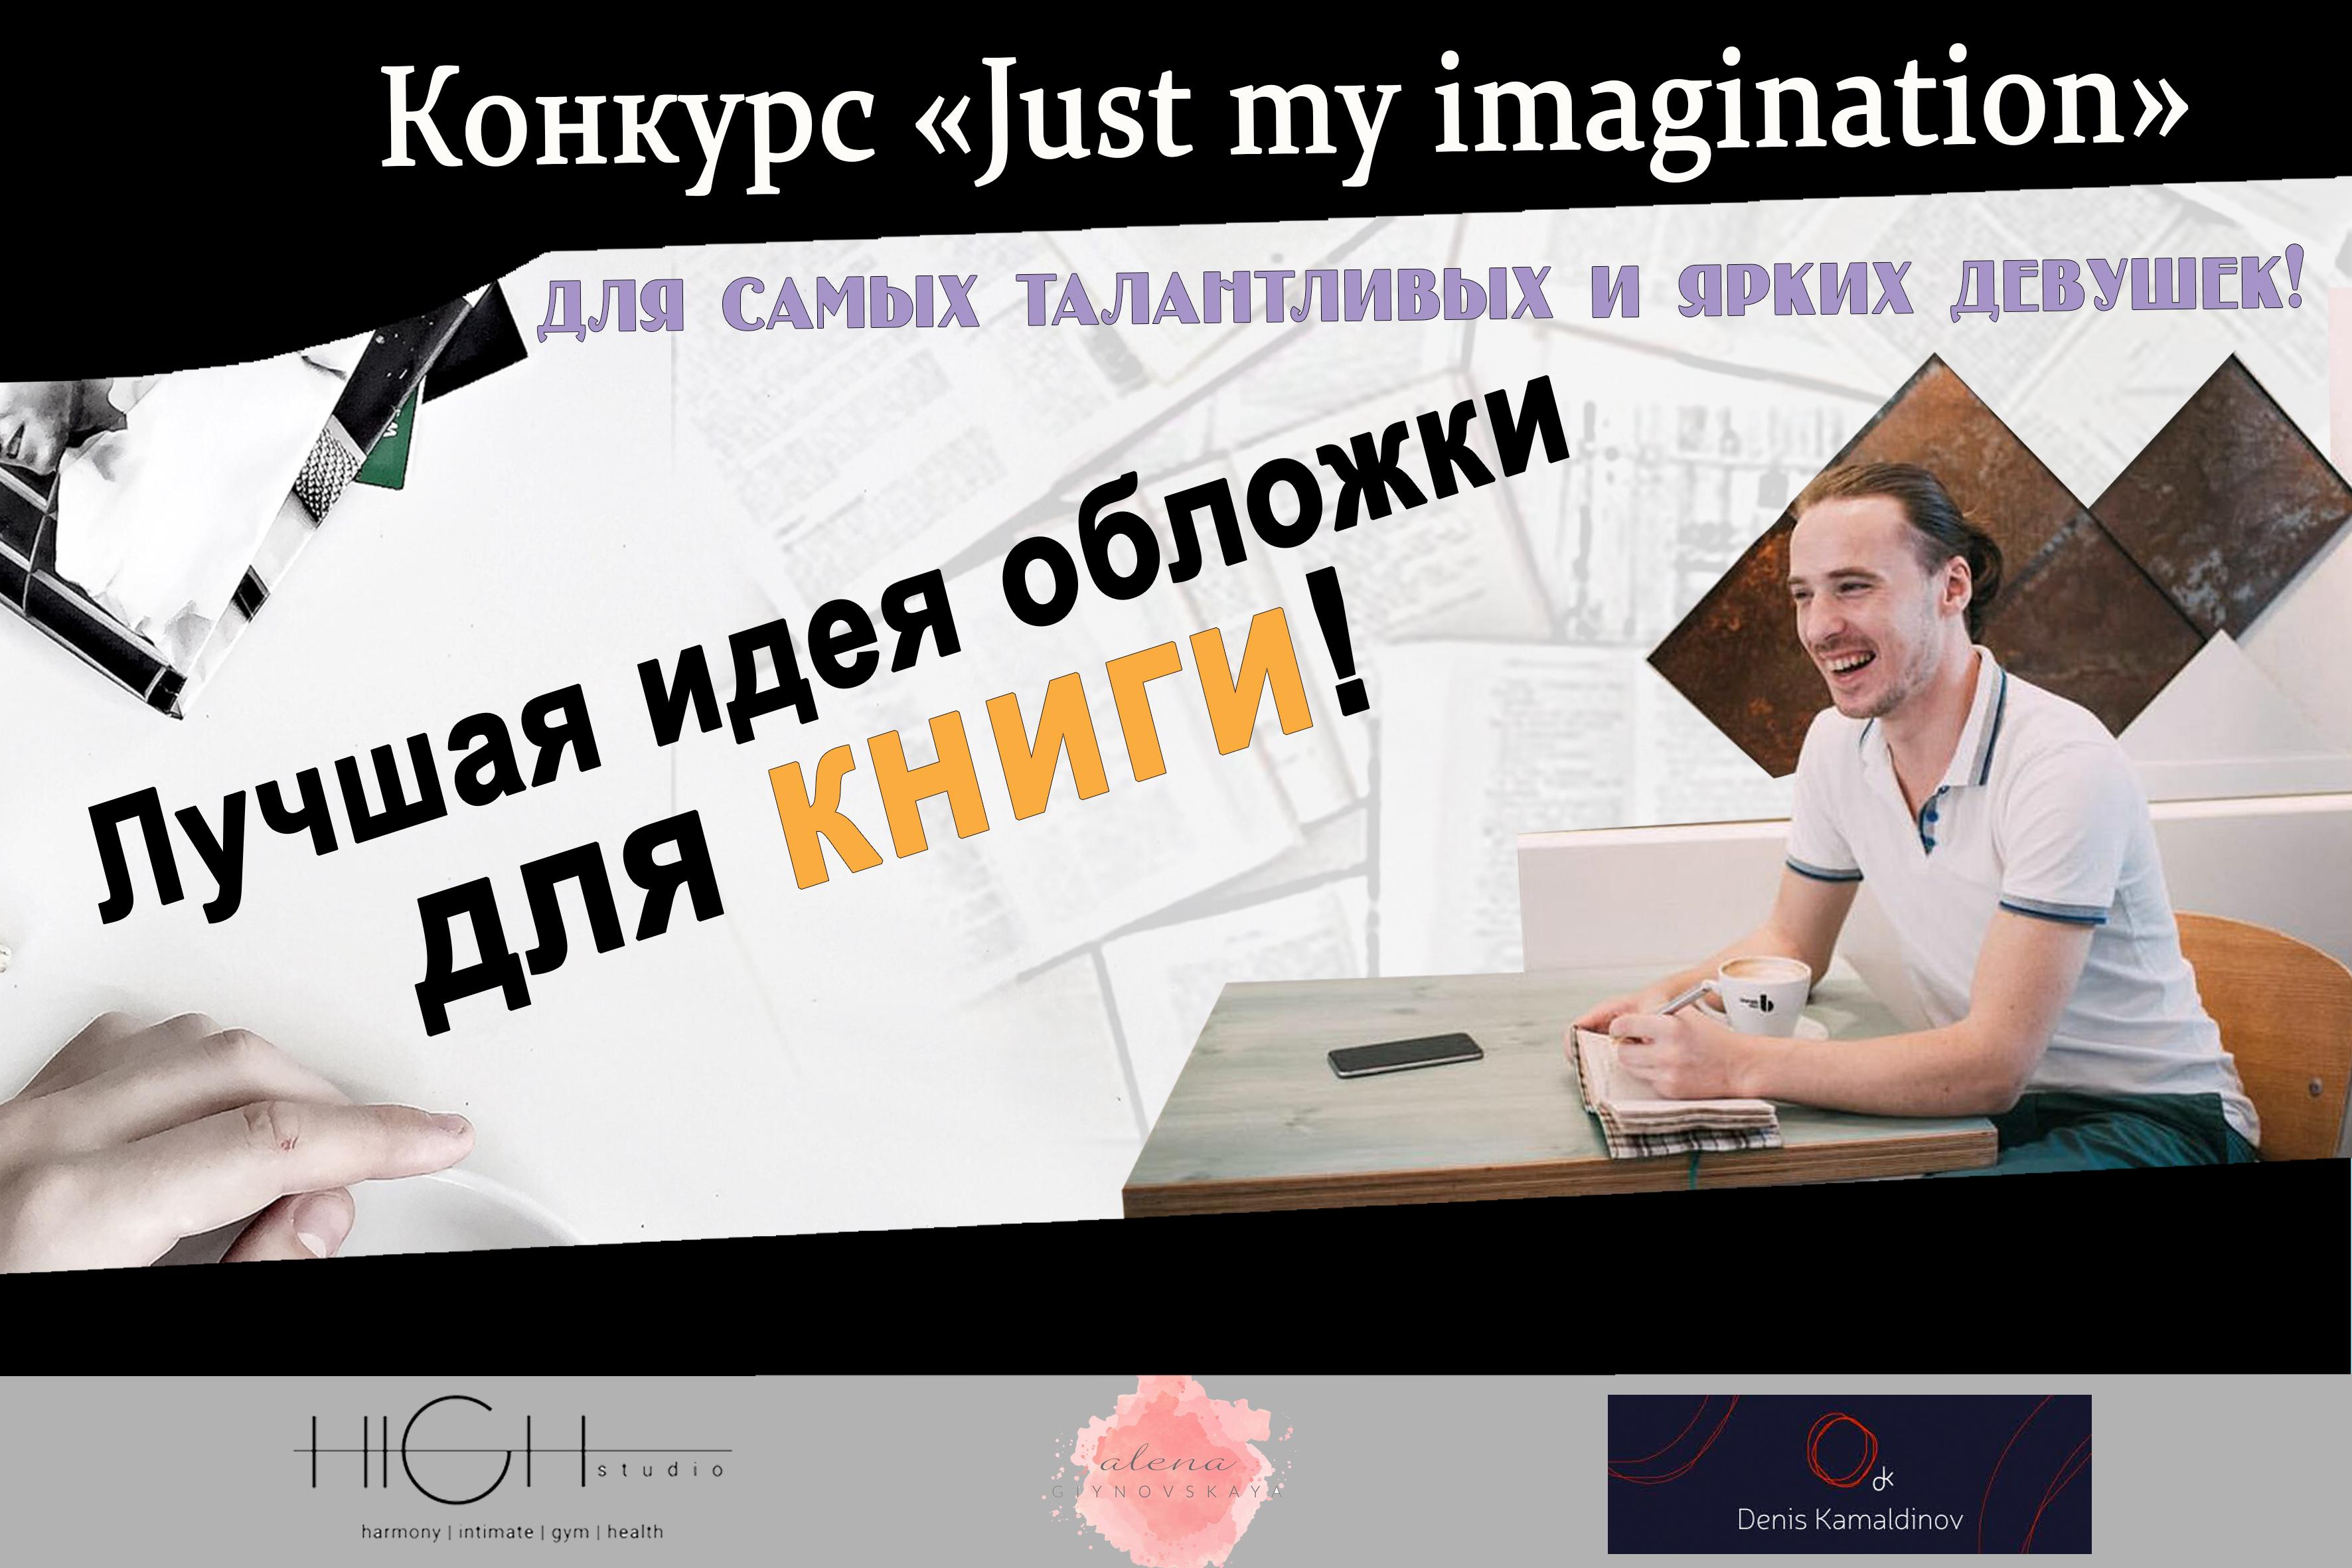 Внимание! Конкурс «Just my imagination» — для самых талантливых и ярких девушек!